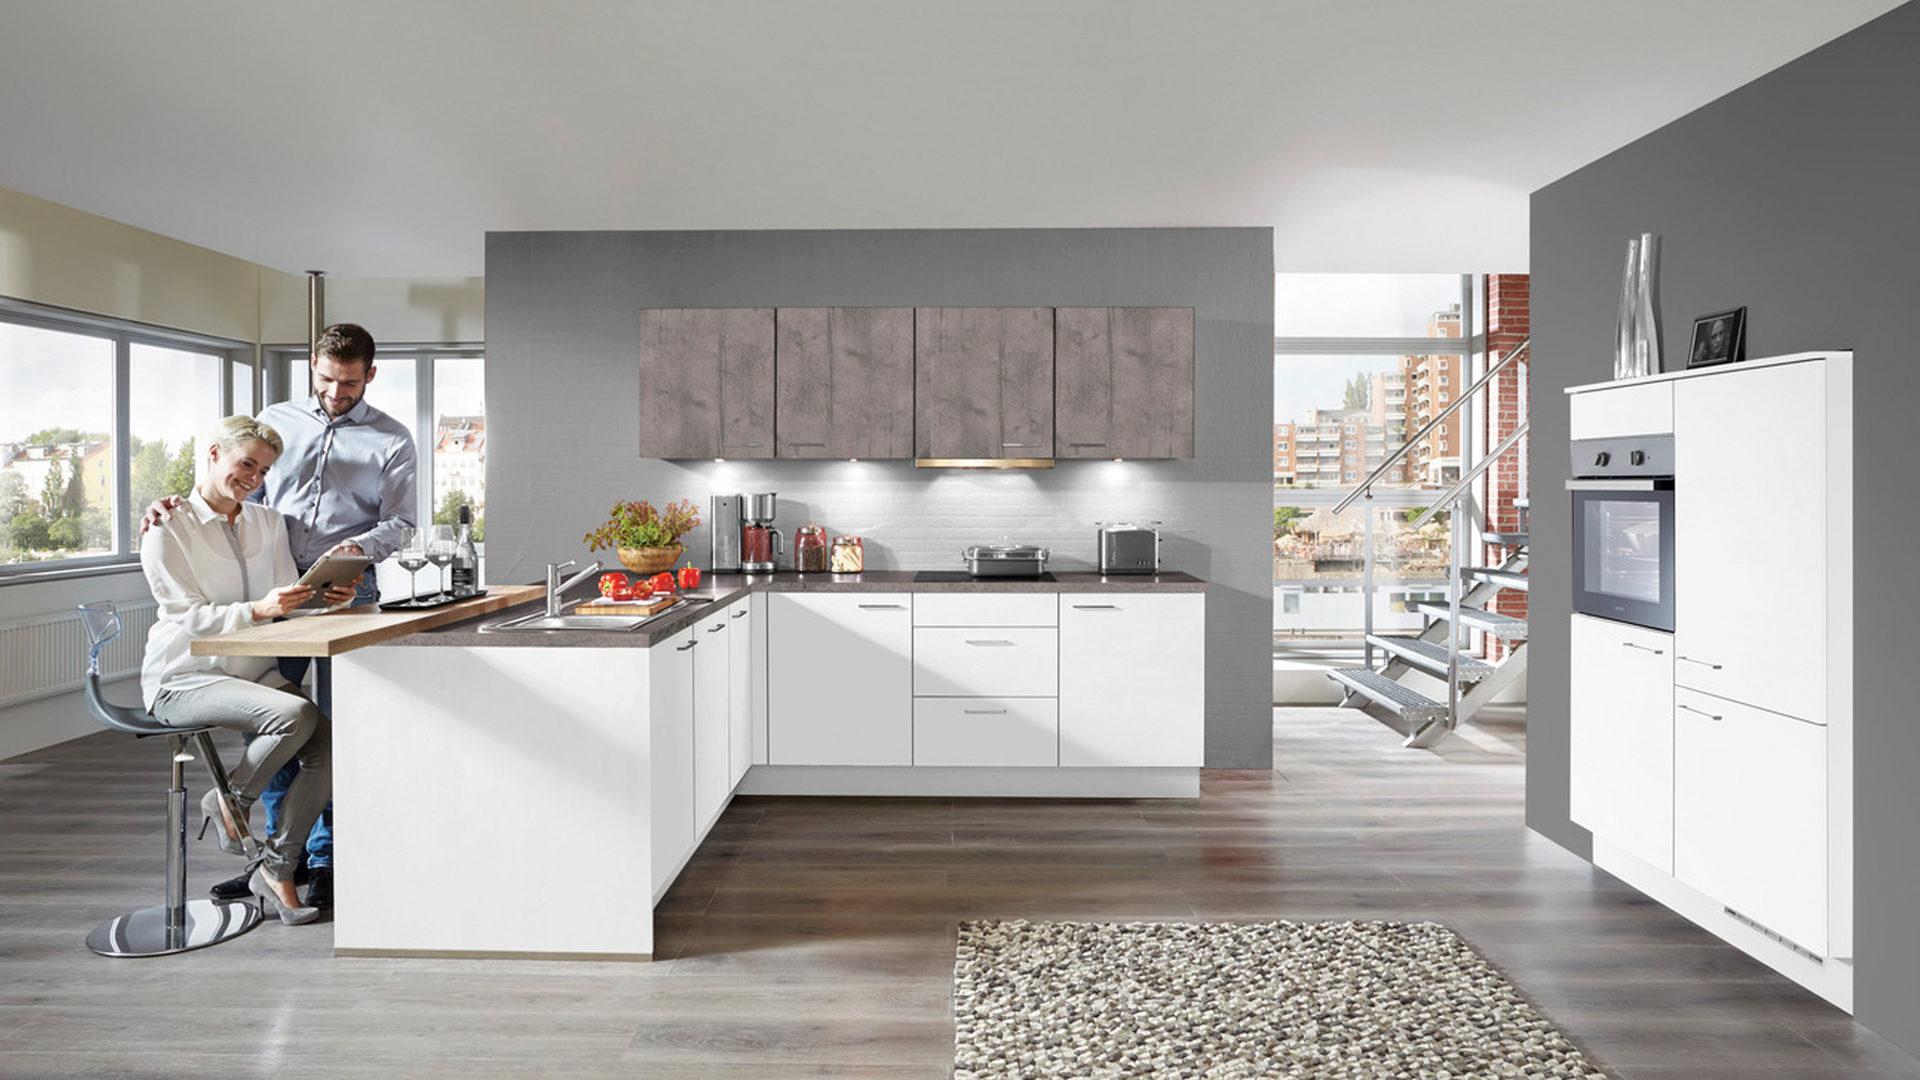 ... Küche, Einbauküche, Einbauküche Mit Gorenje Elektrogeräten Wie  Kühlschrank, Weiße U0026 Beton Schiefergraue Kunststoffoberflächen,  Arbeitsplatten Beton ...